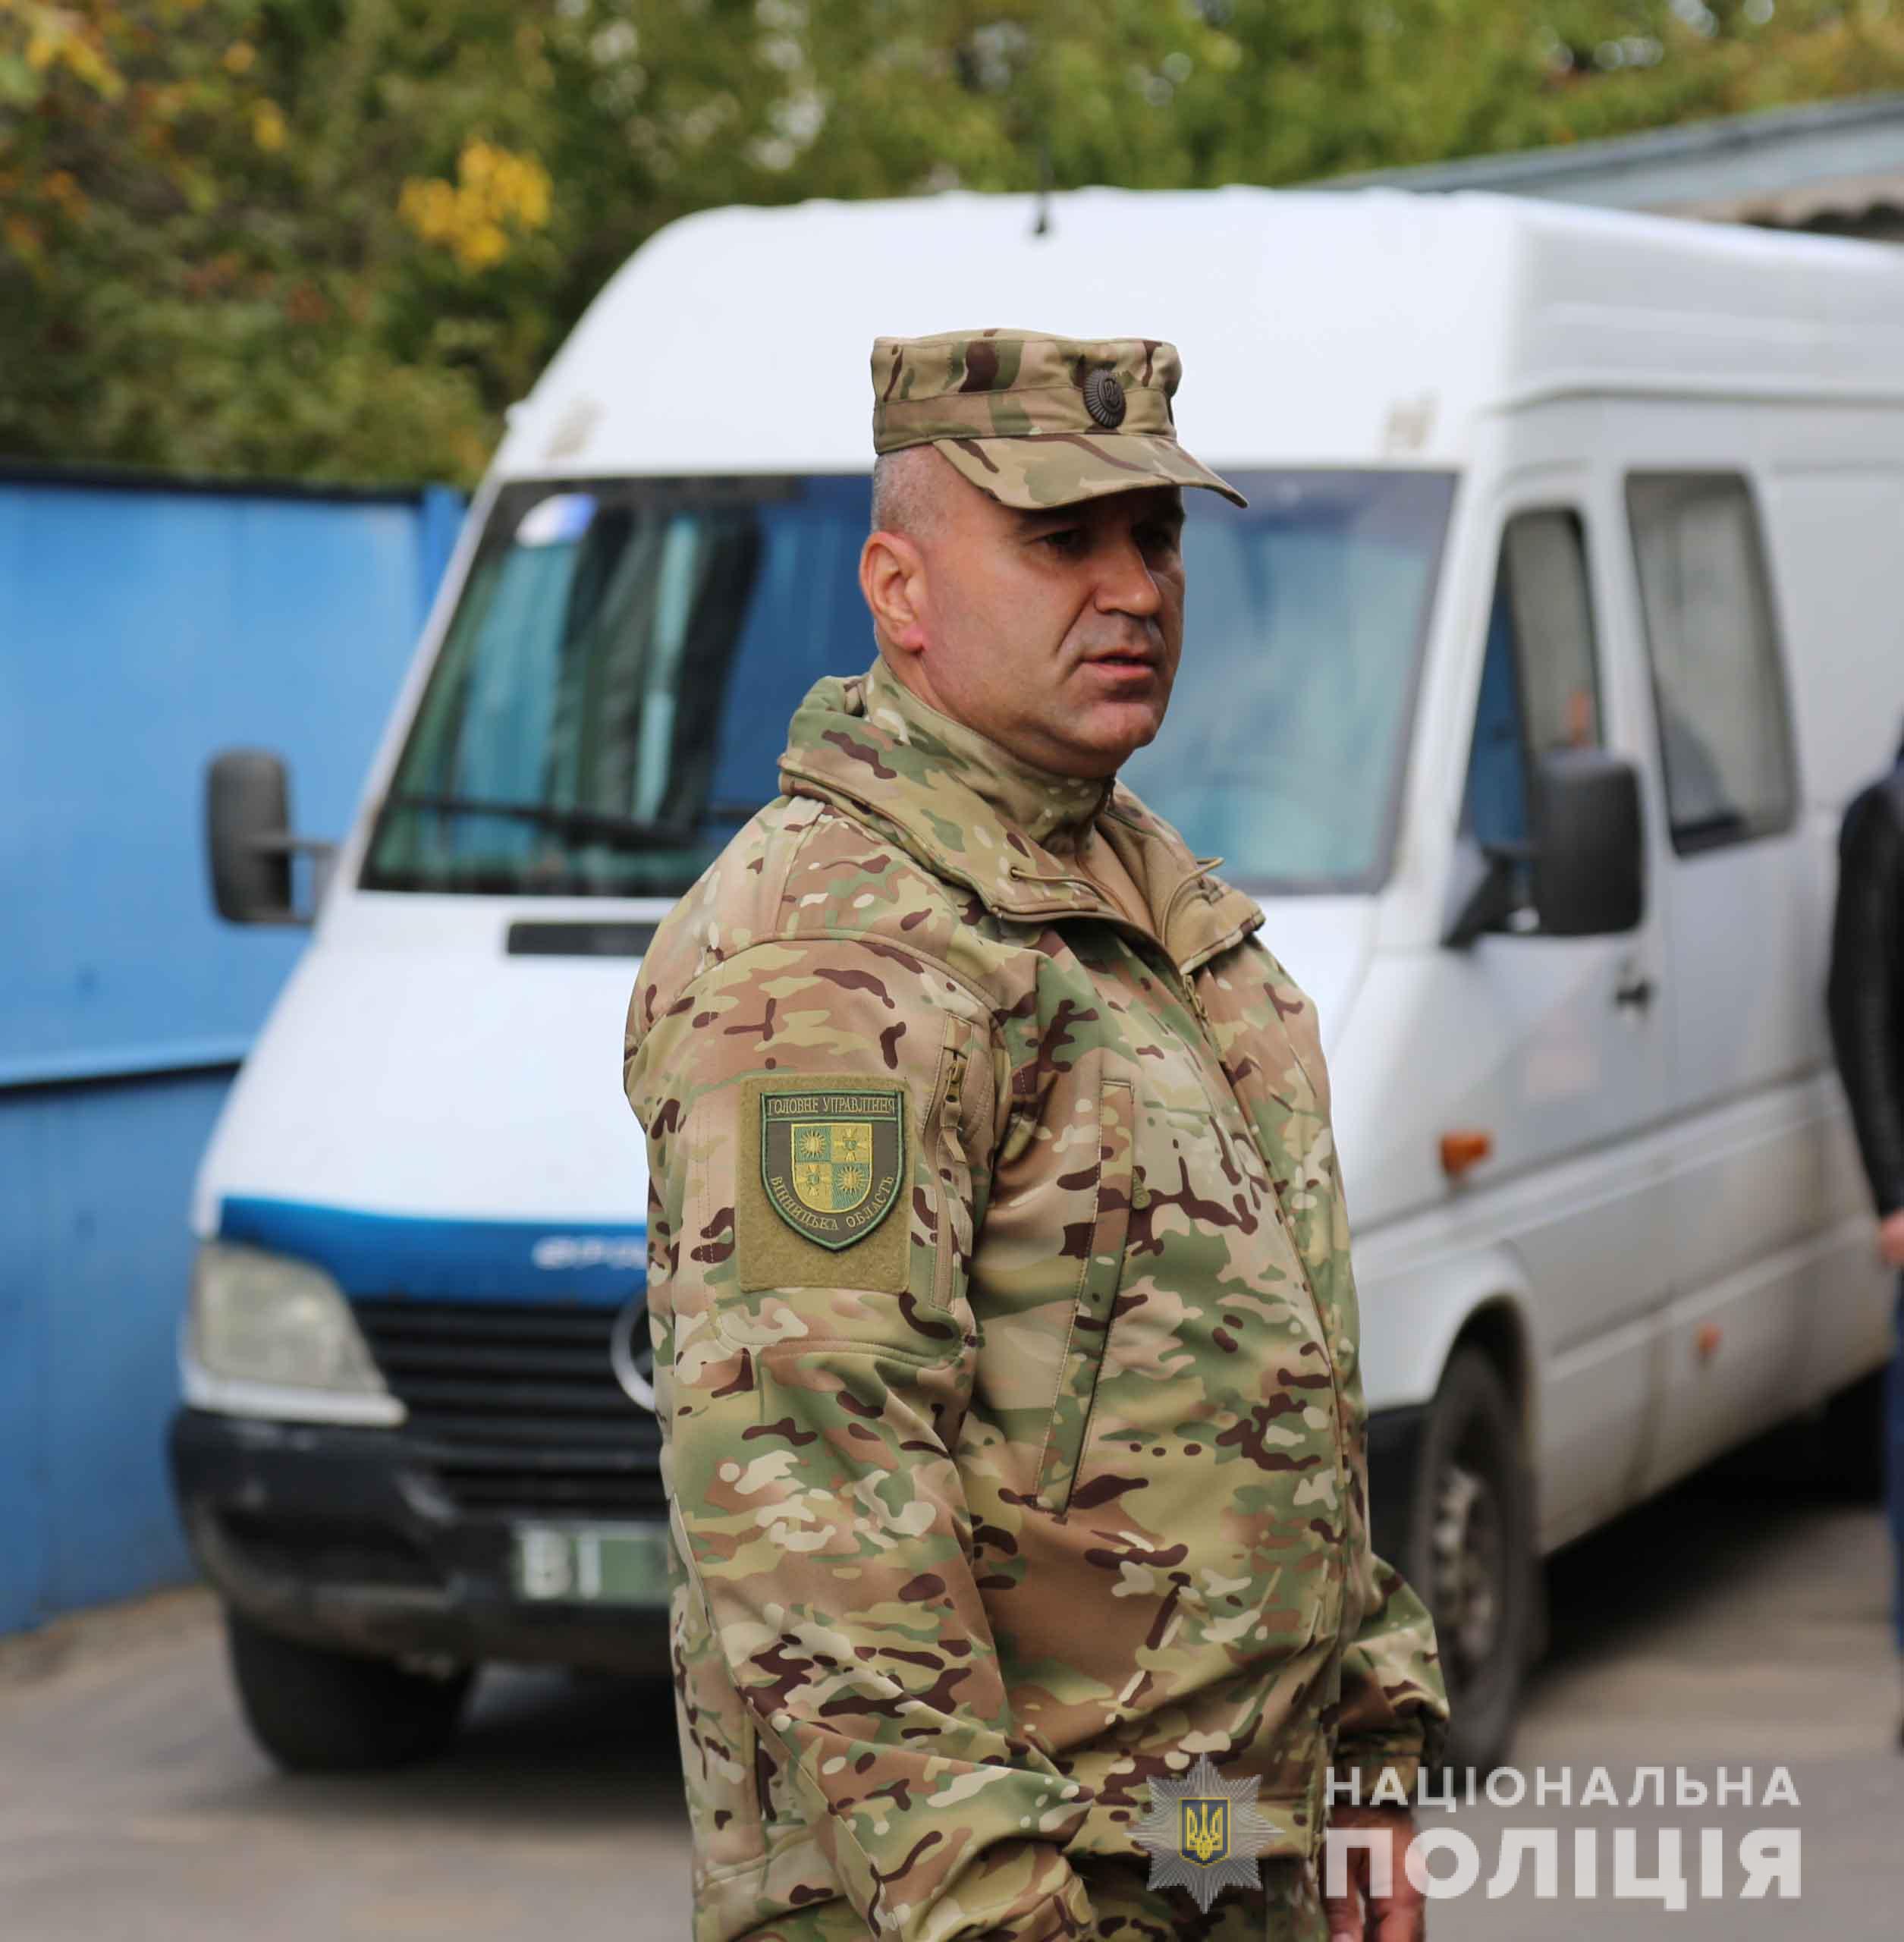 Понад 30 поліцейських з Вінниччини вирушили на Схід України (Фото)